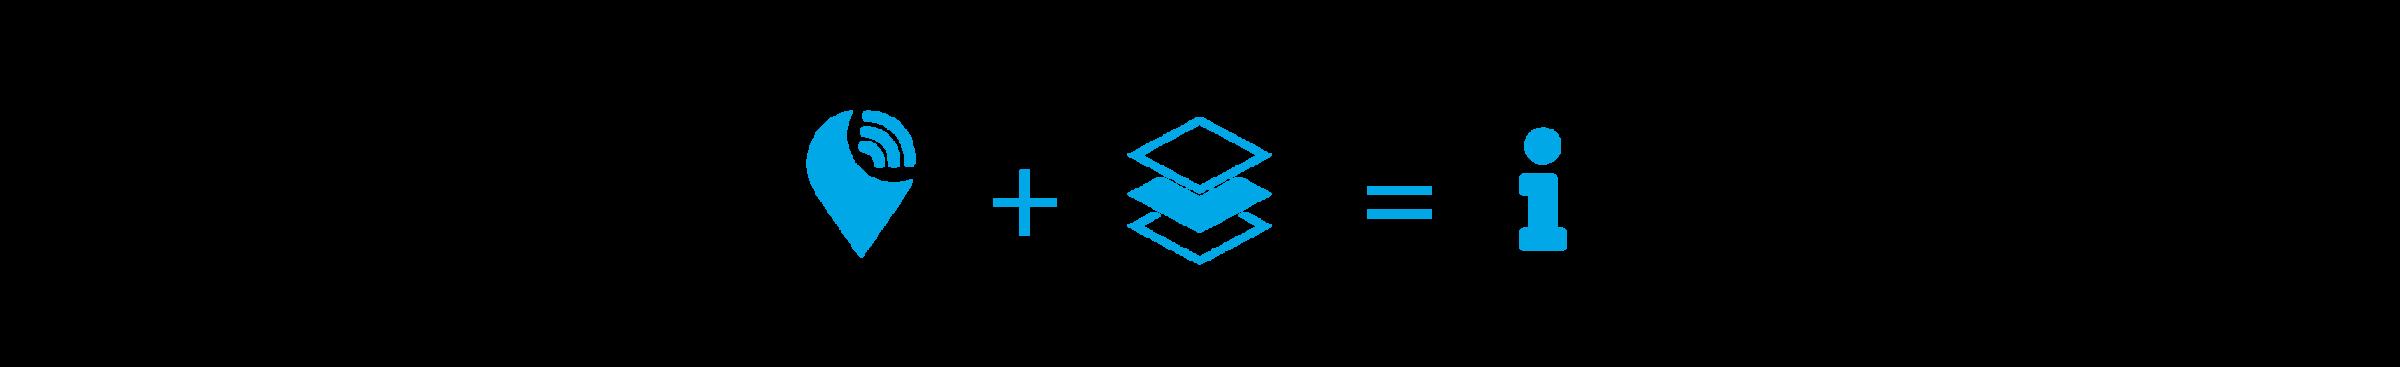 Icon für Echtzeit Intelligenz